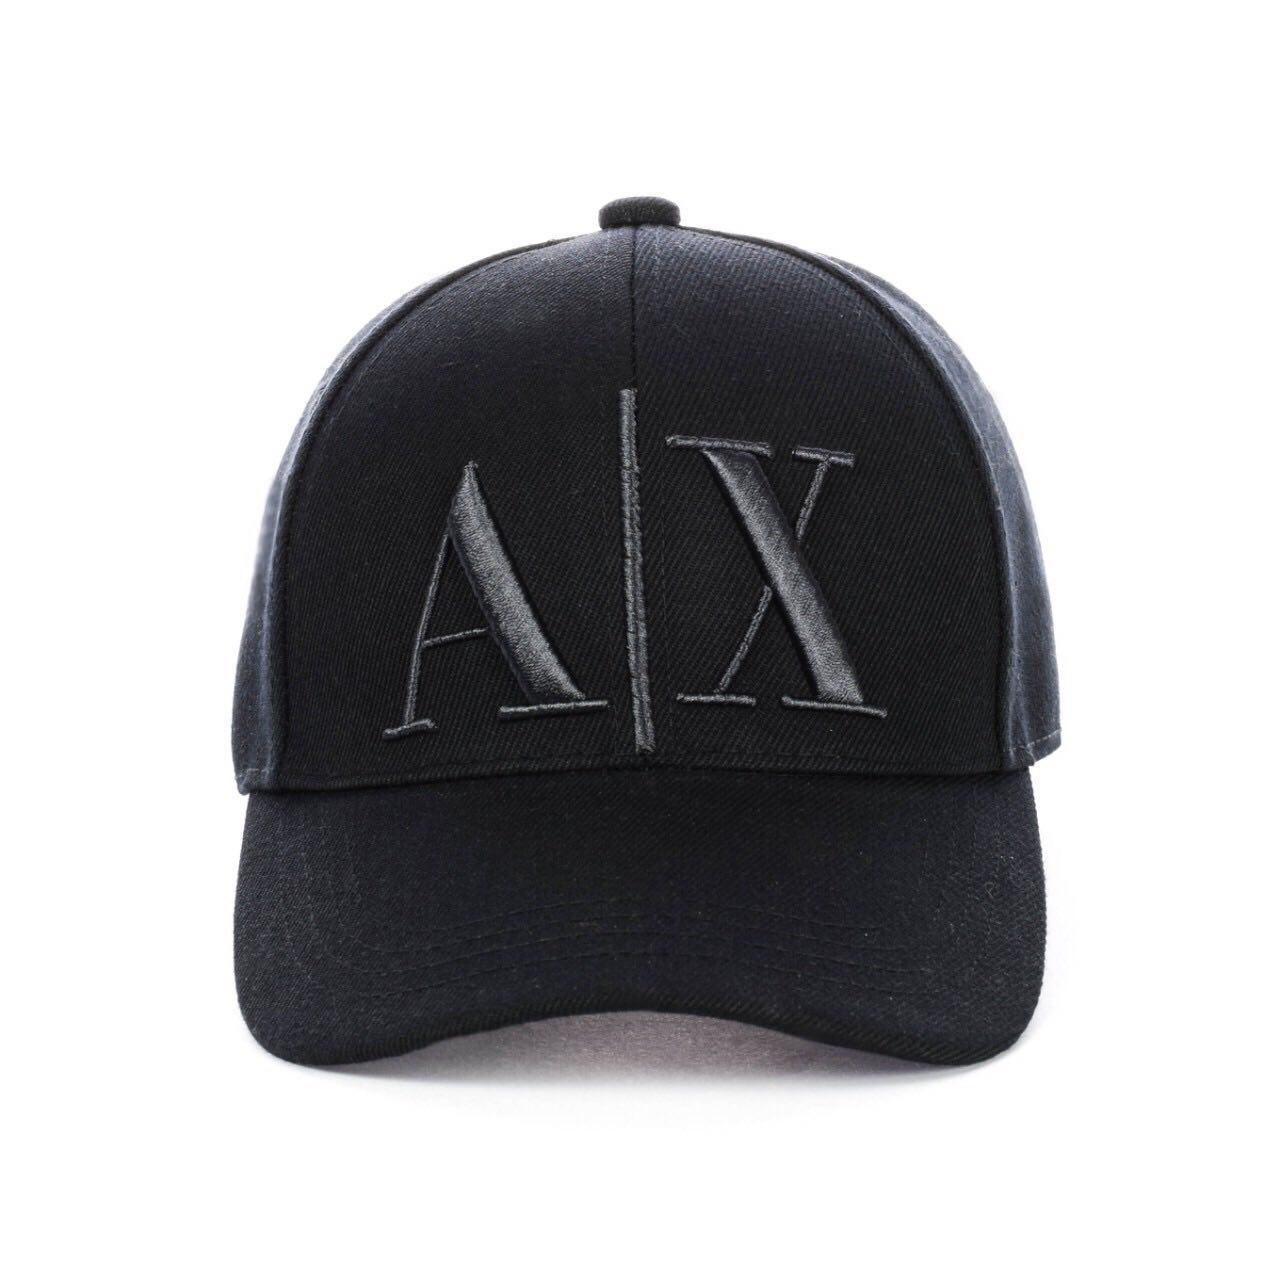 Кепка- Бейсболка Armani Exchange AlX, фото 1